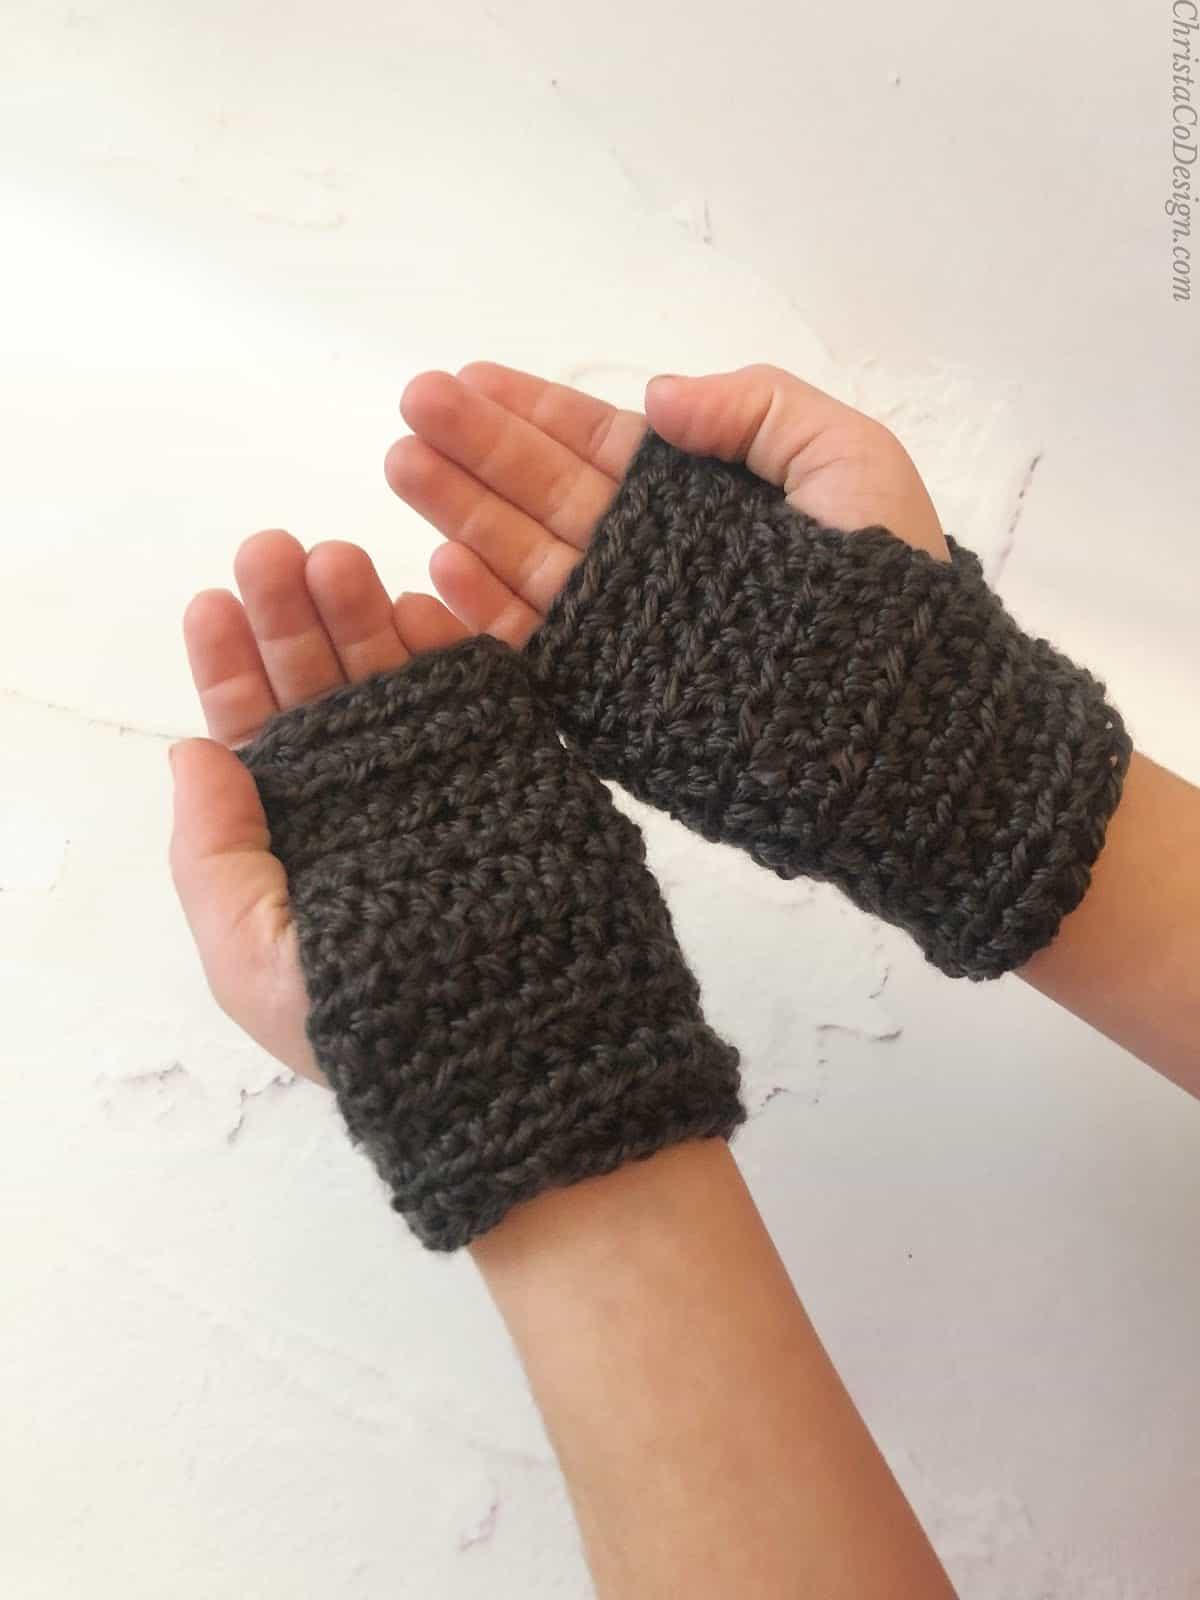 picture of crochet fingerless gloves on boys hands